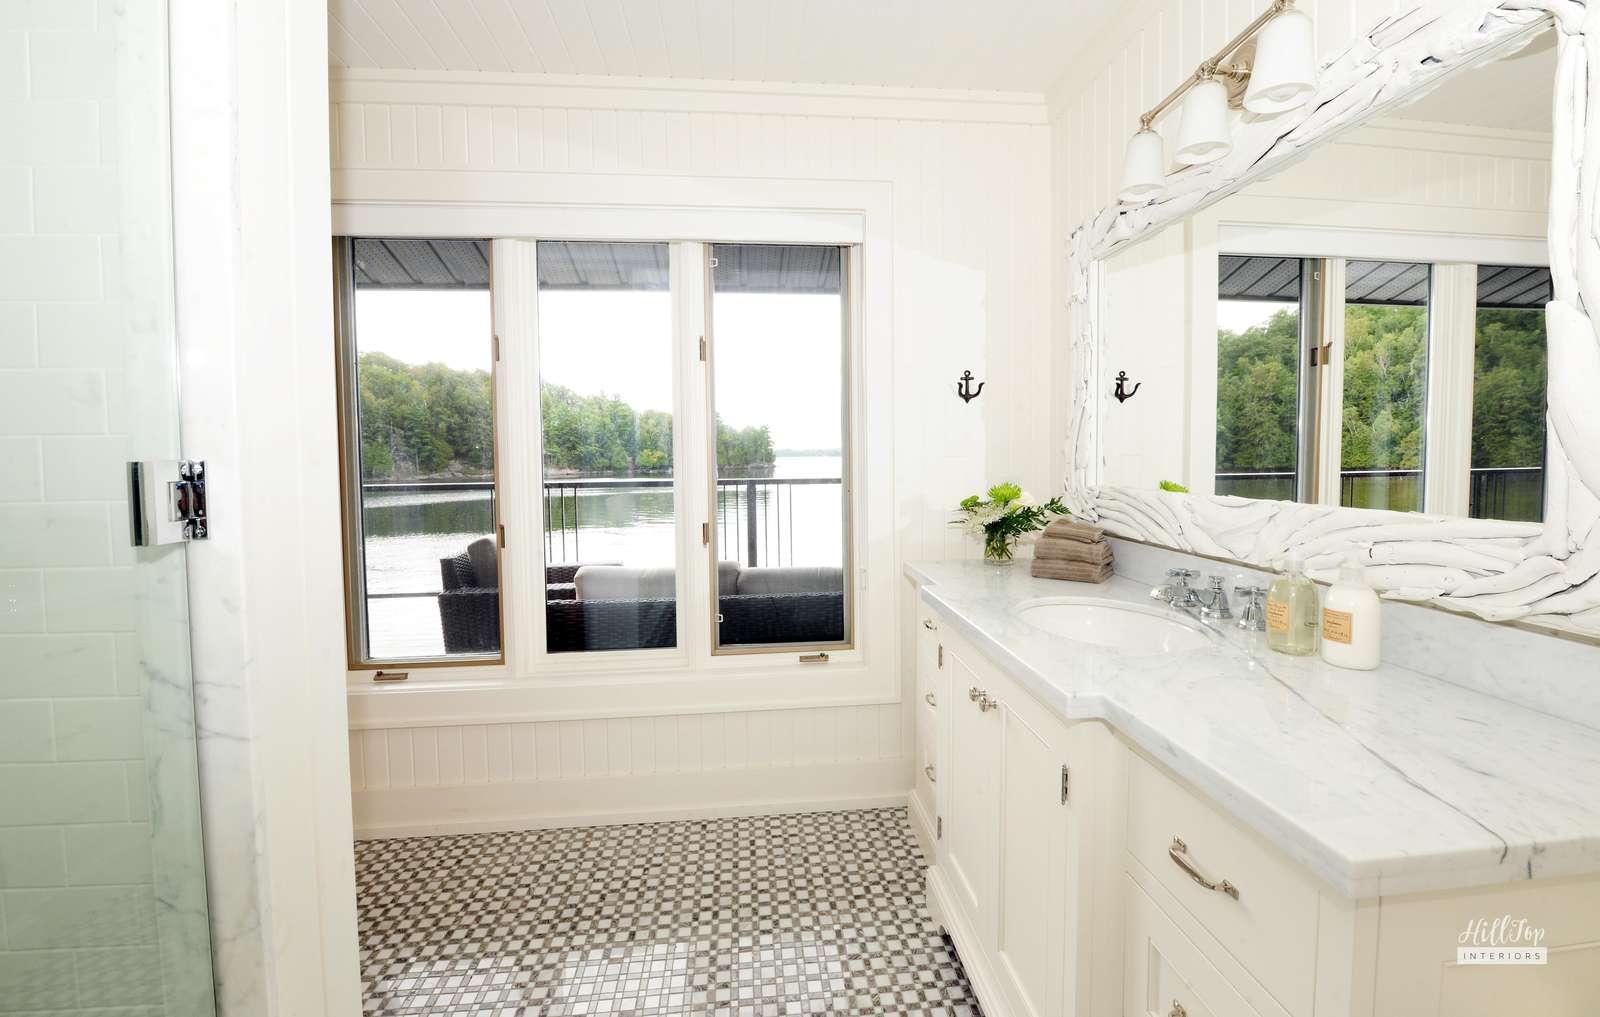 Boathouse Bathroom